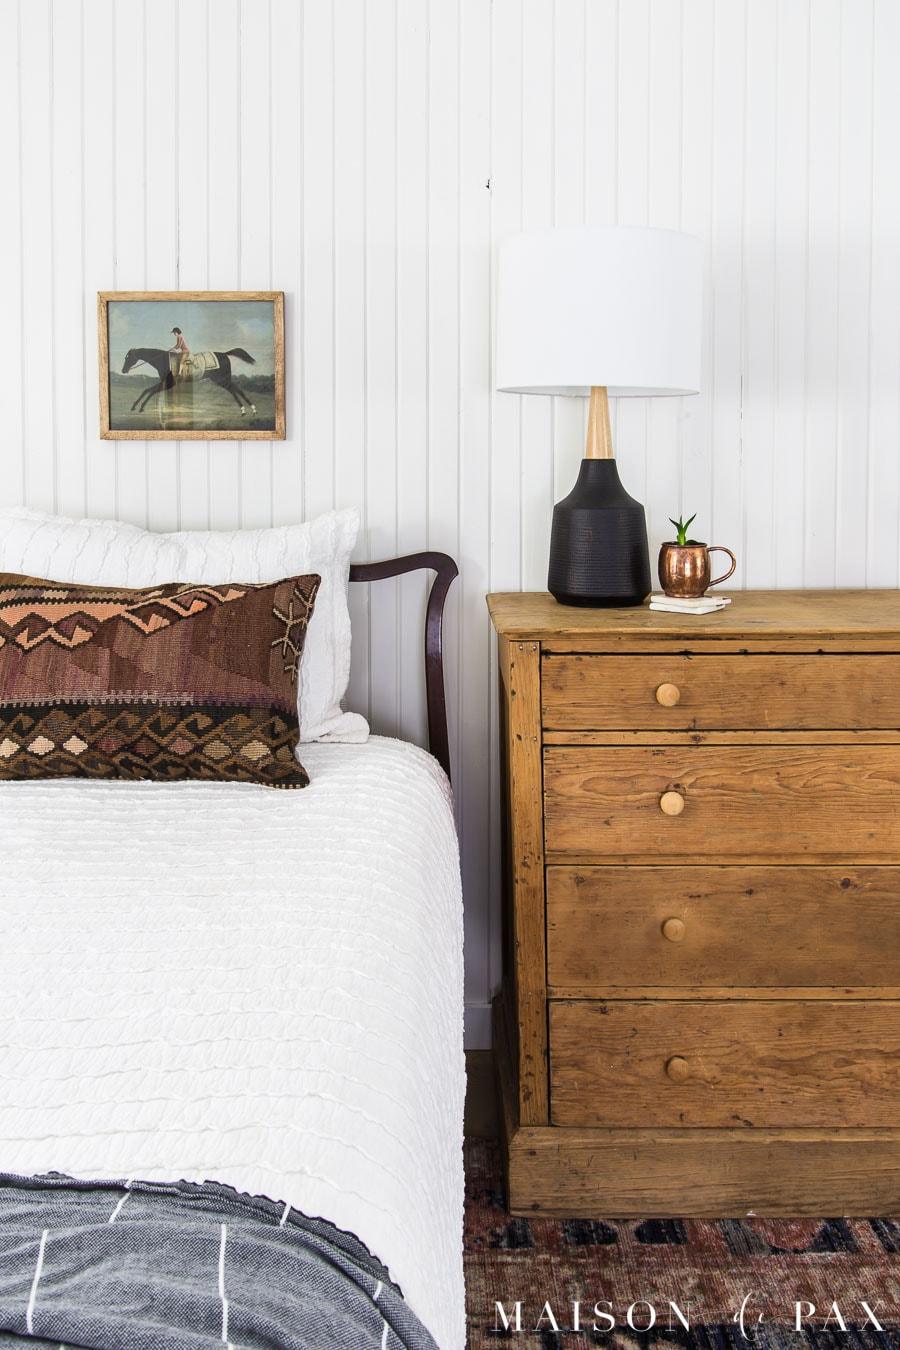 vintage art above antique bed in white farmhouse bedroom | Maison de Pax